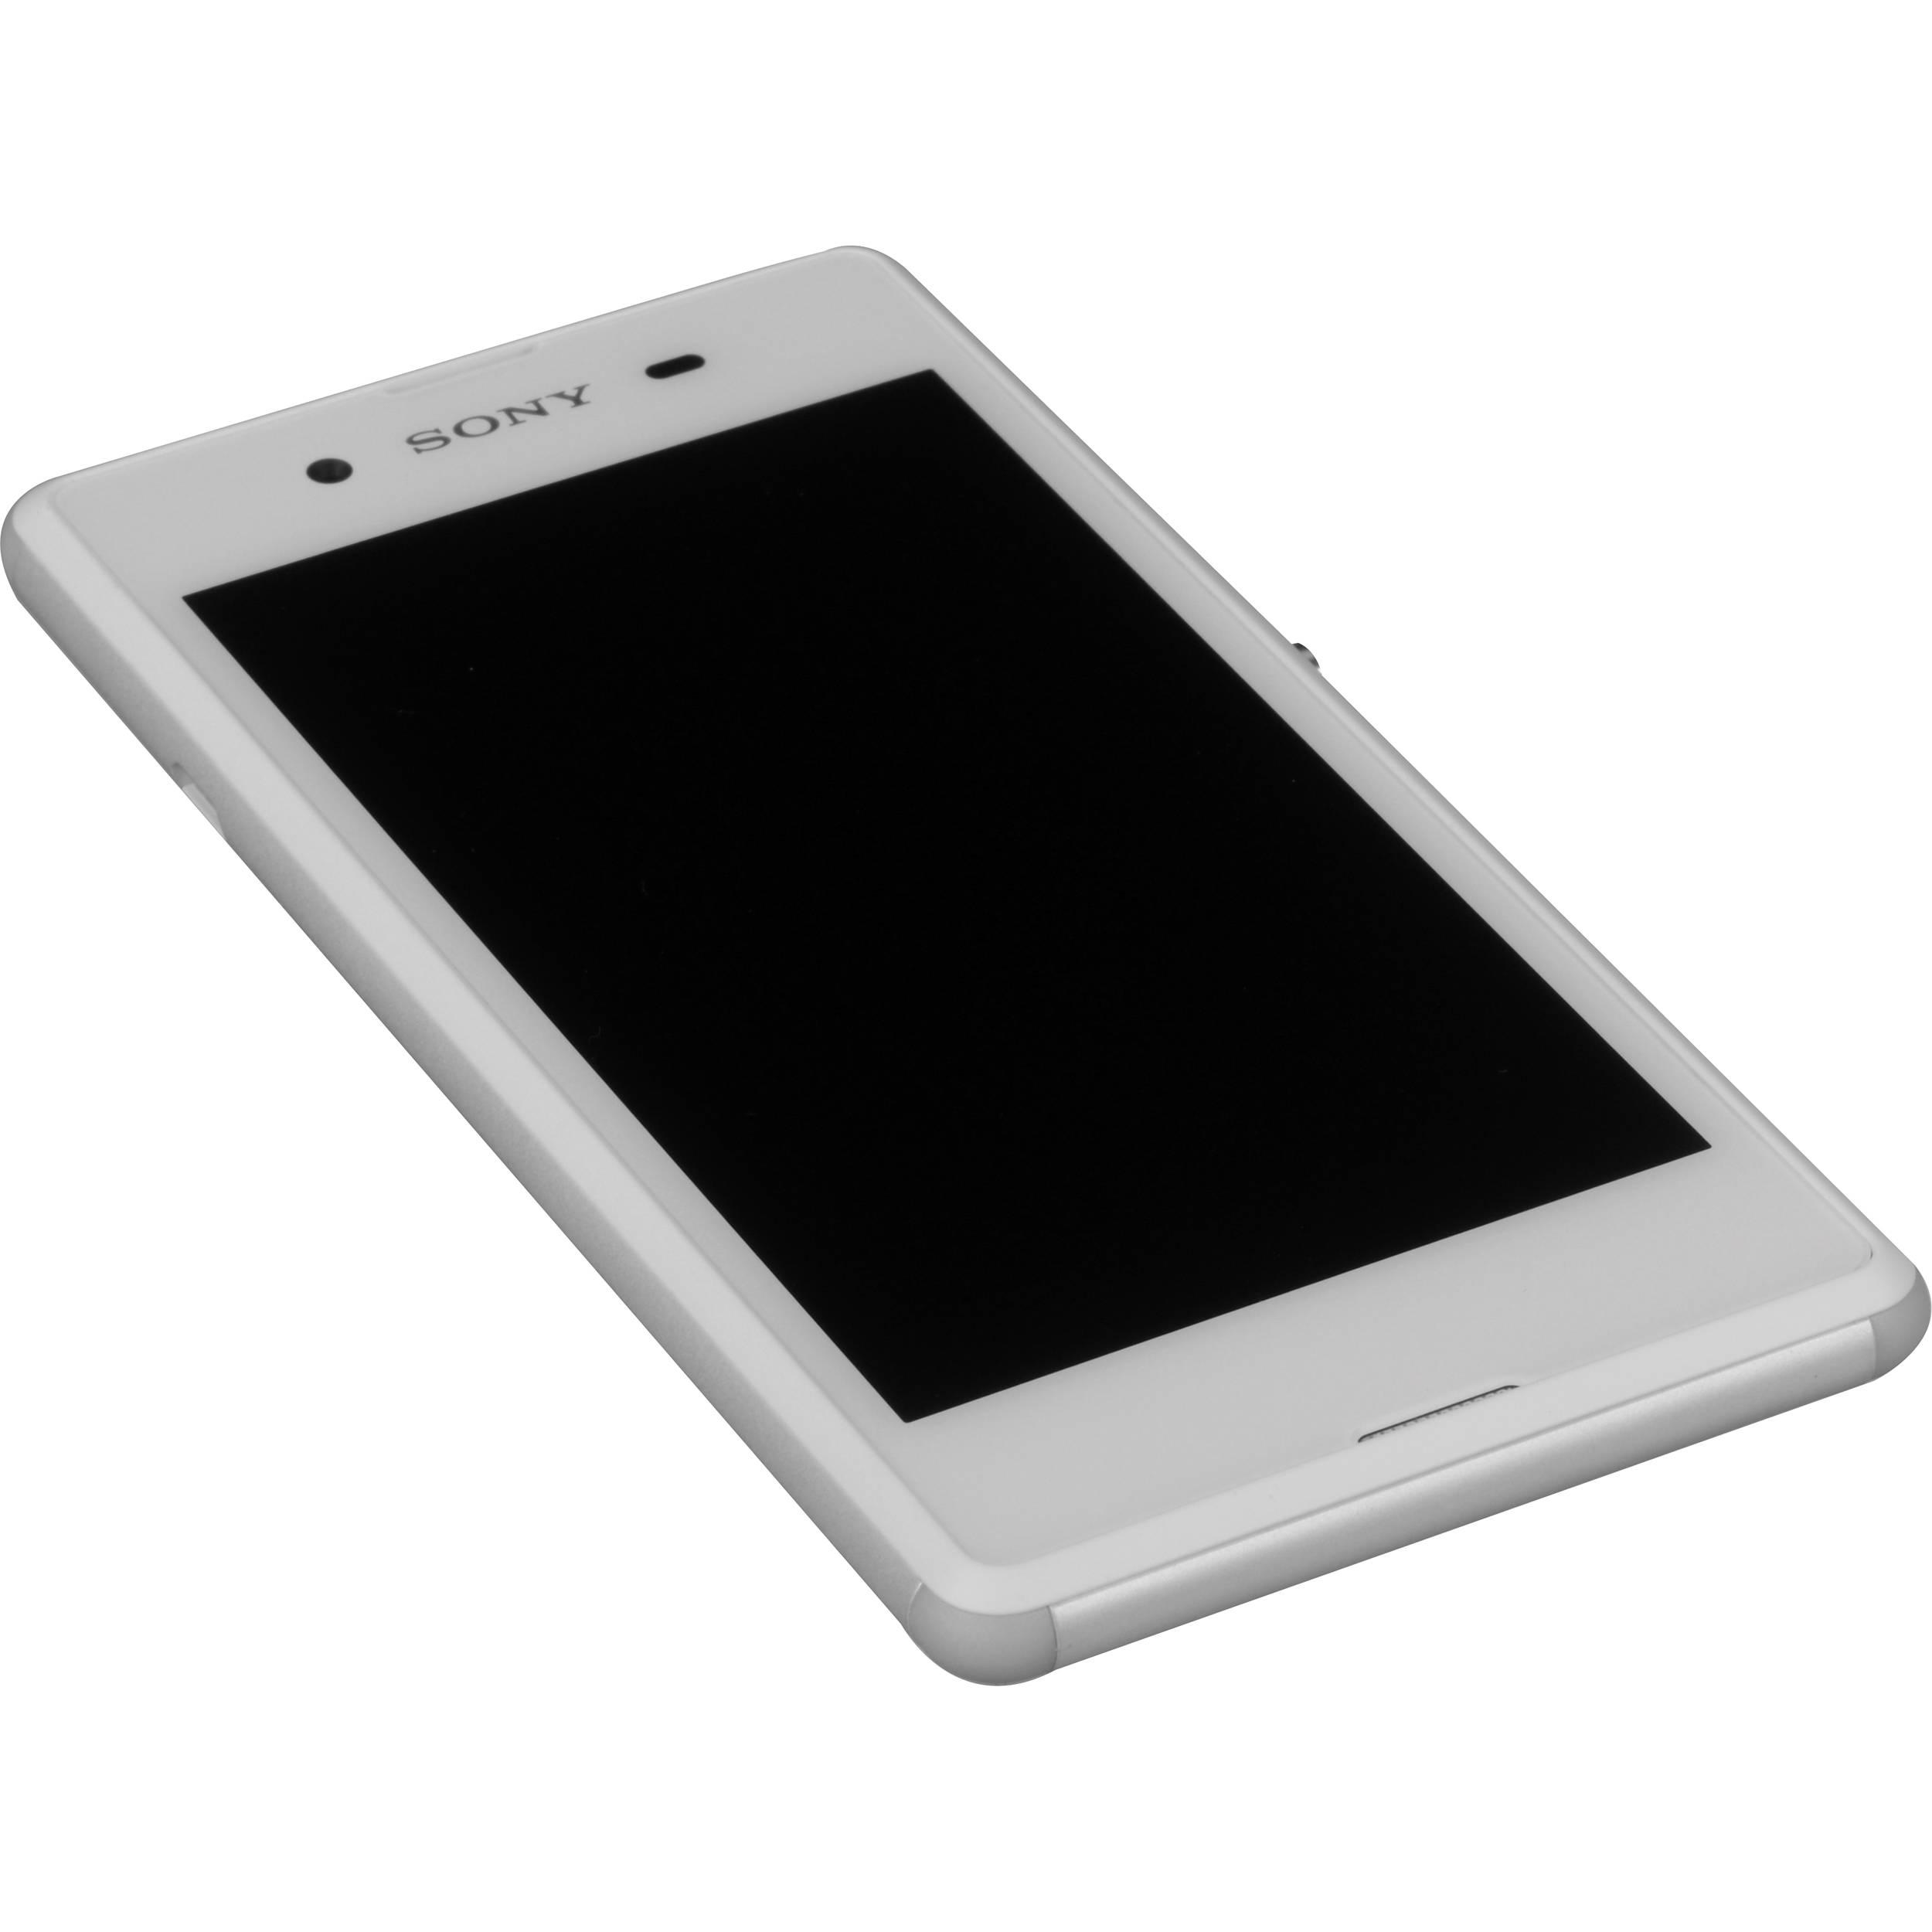 Sony Xperia E3 D2206 4GB Smartphone (Unlocked, White) 1289 ...